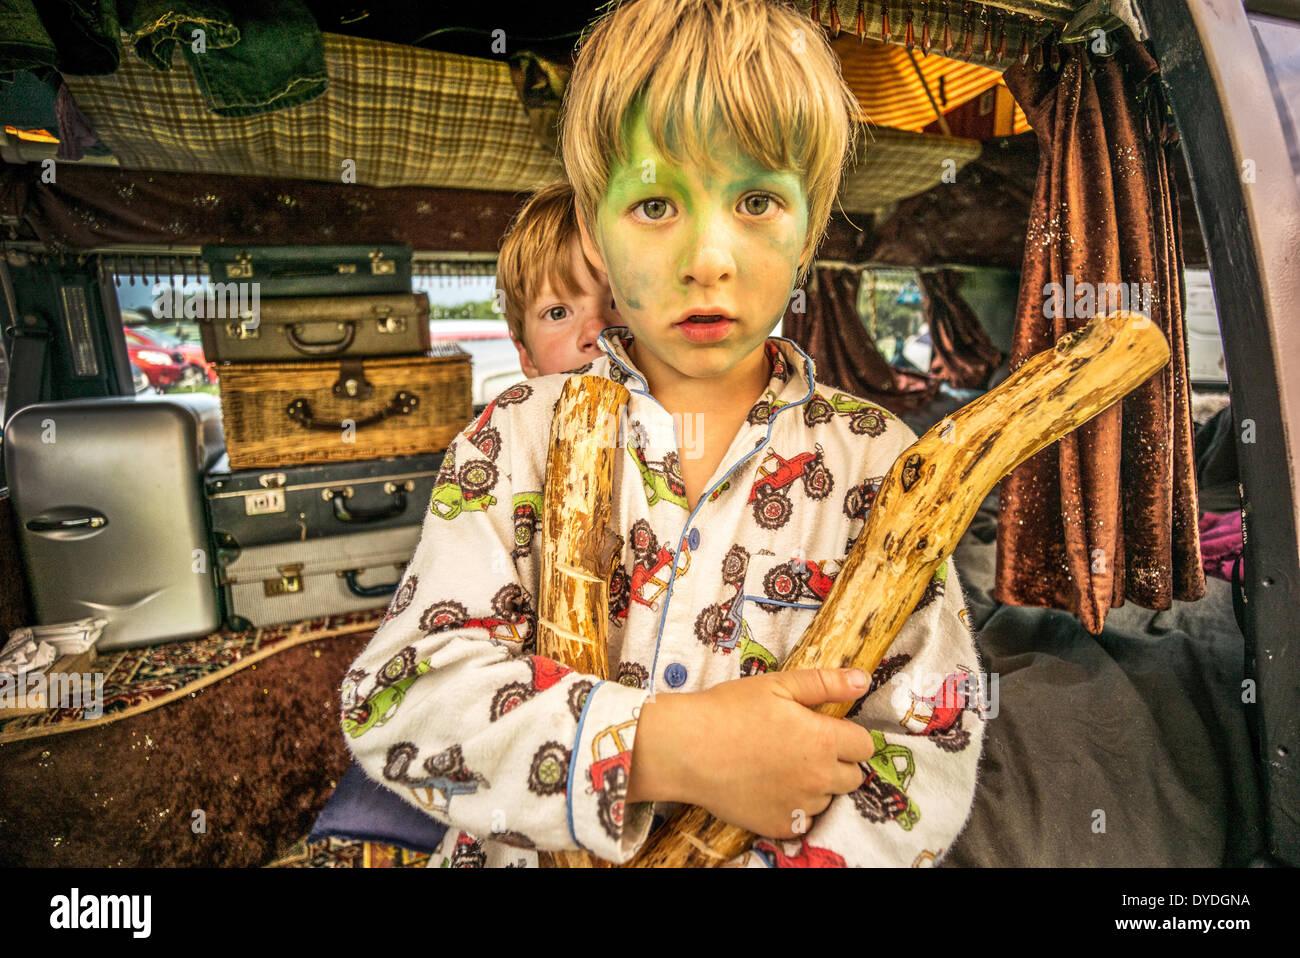 Deux garçons s'amusant dans un camping-car VW à un festival. Photo Stock